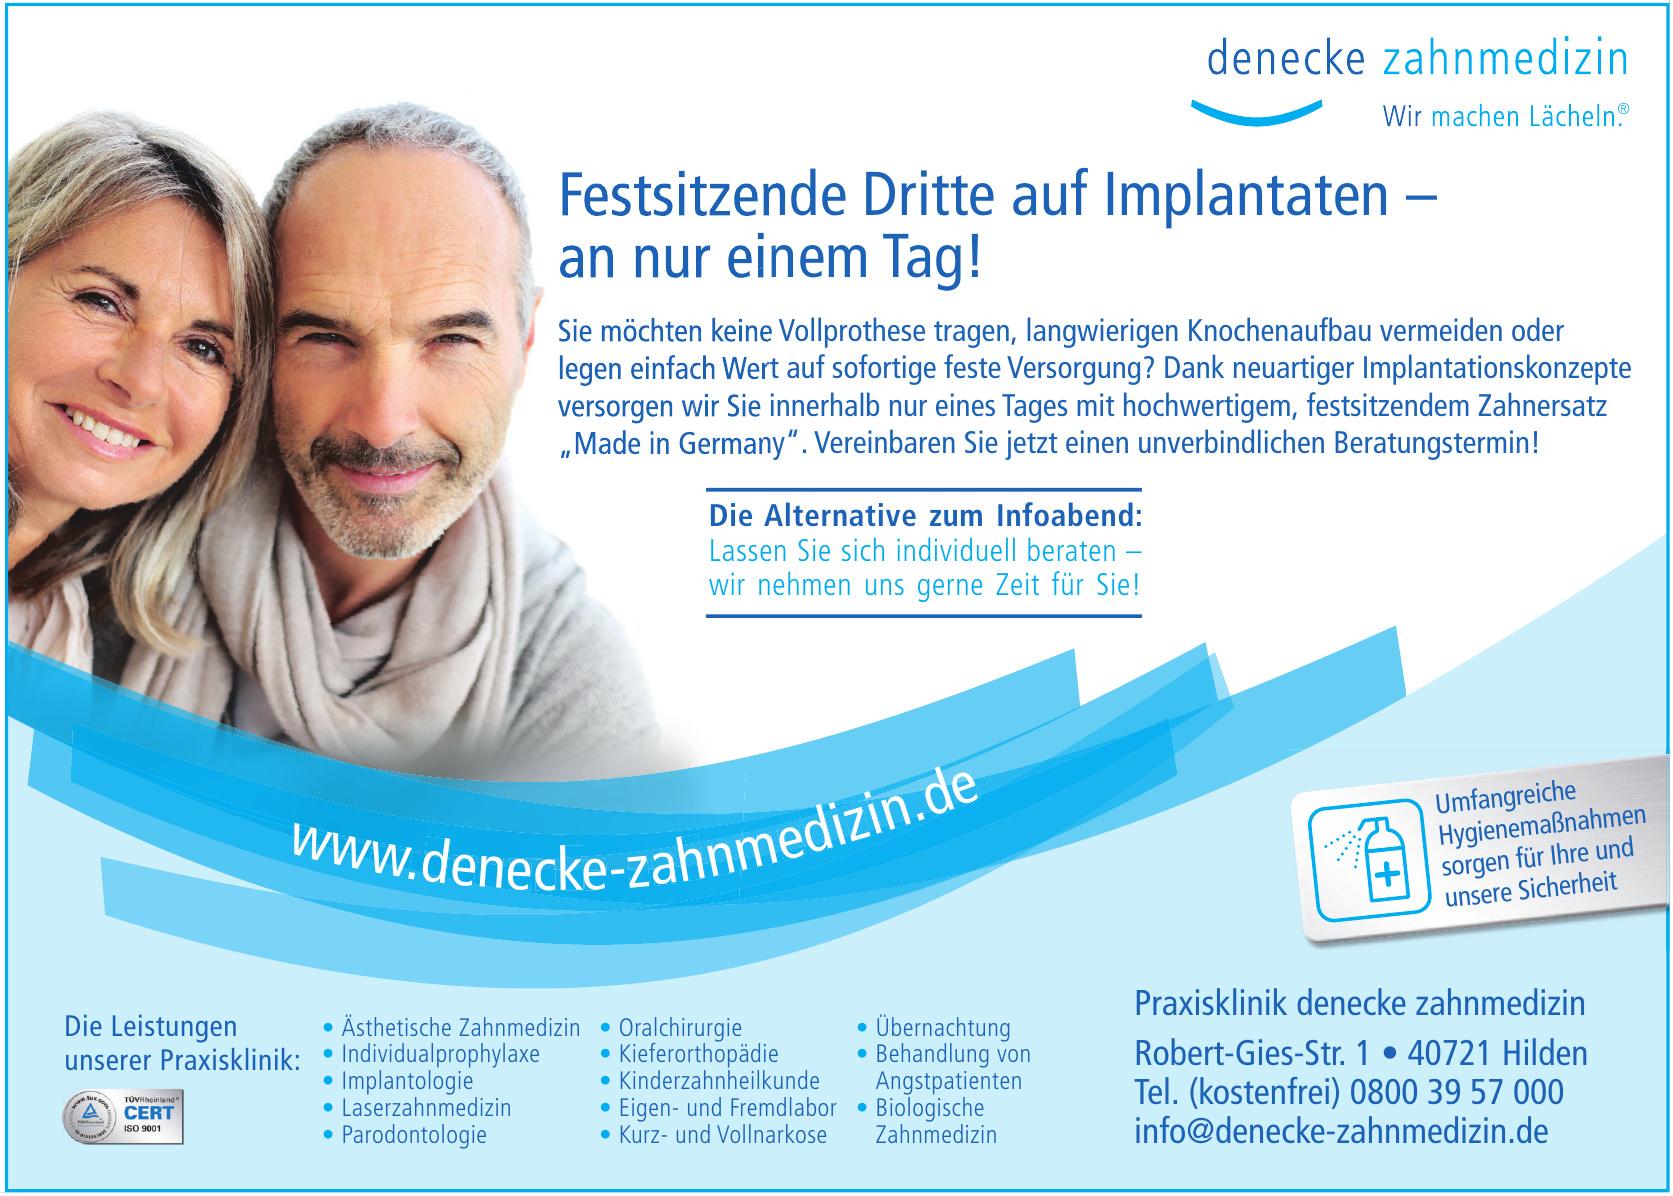 Praxisklinik denecke zahnmedizin